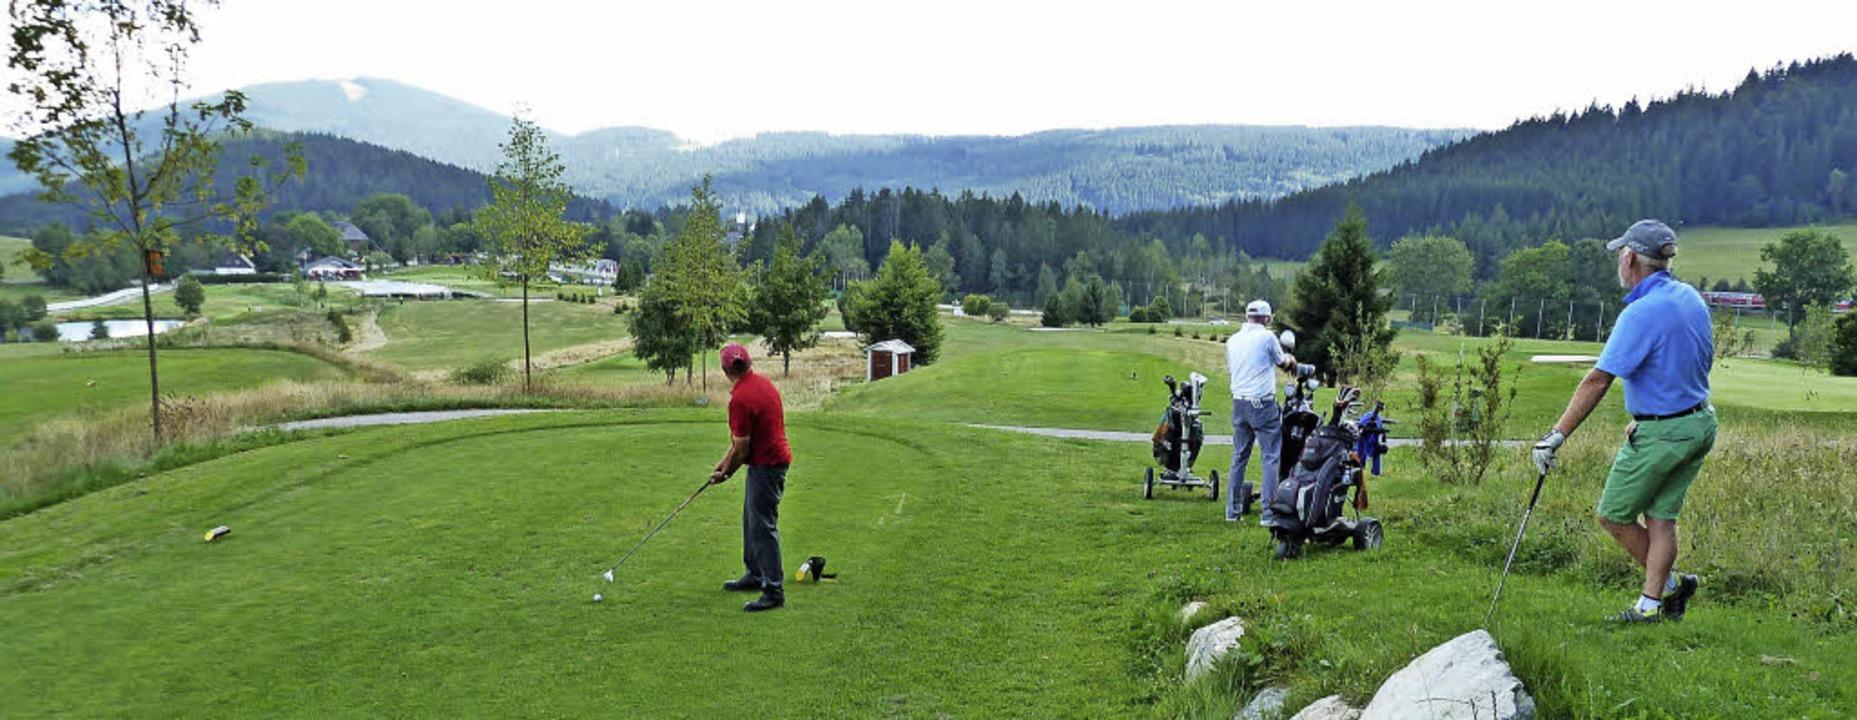 Idyllisch liegt der Golfplatz  Hochsch...ch genau an, wo sein Ball landen soll.  | Foto: simoneit